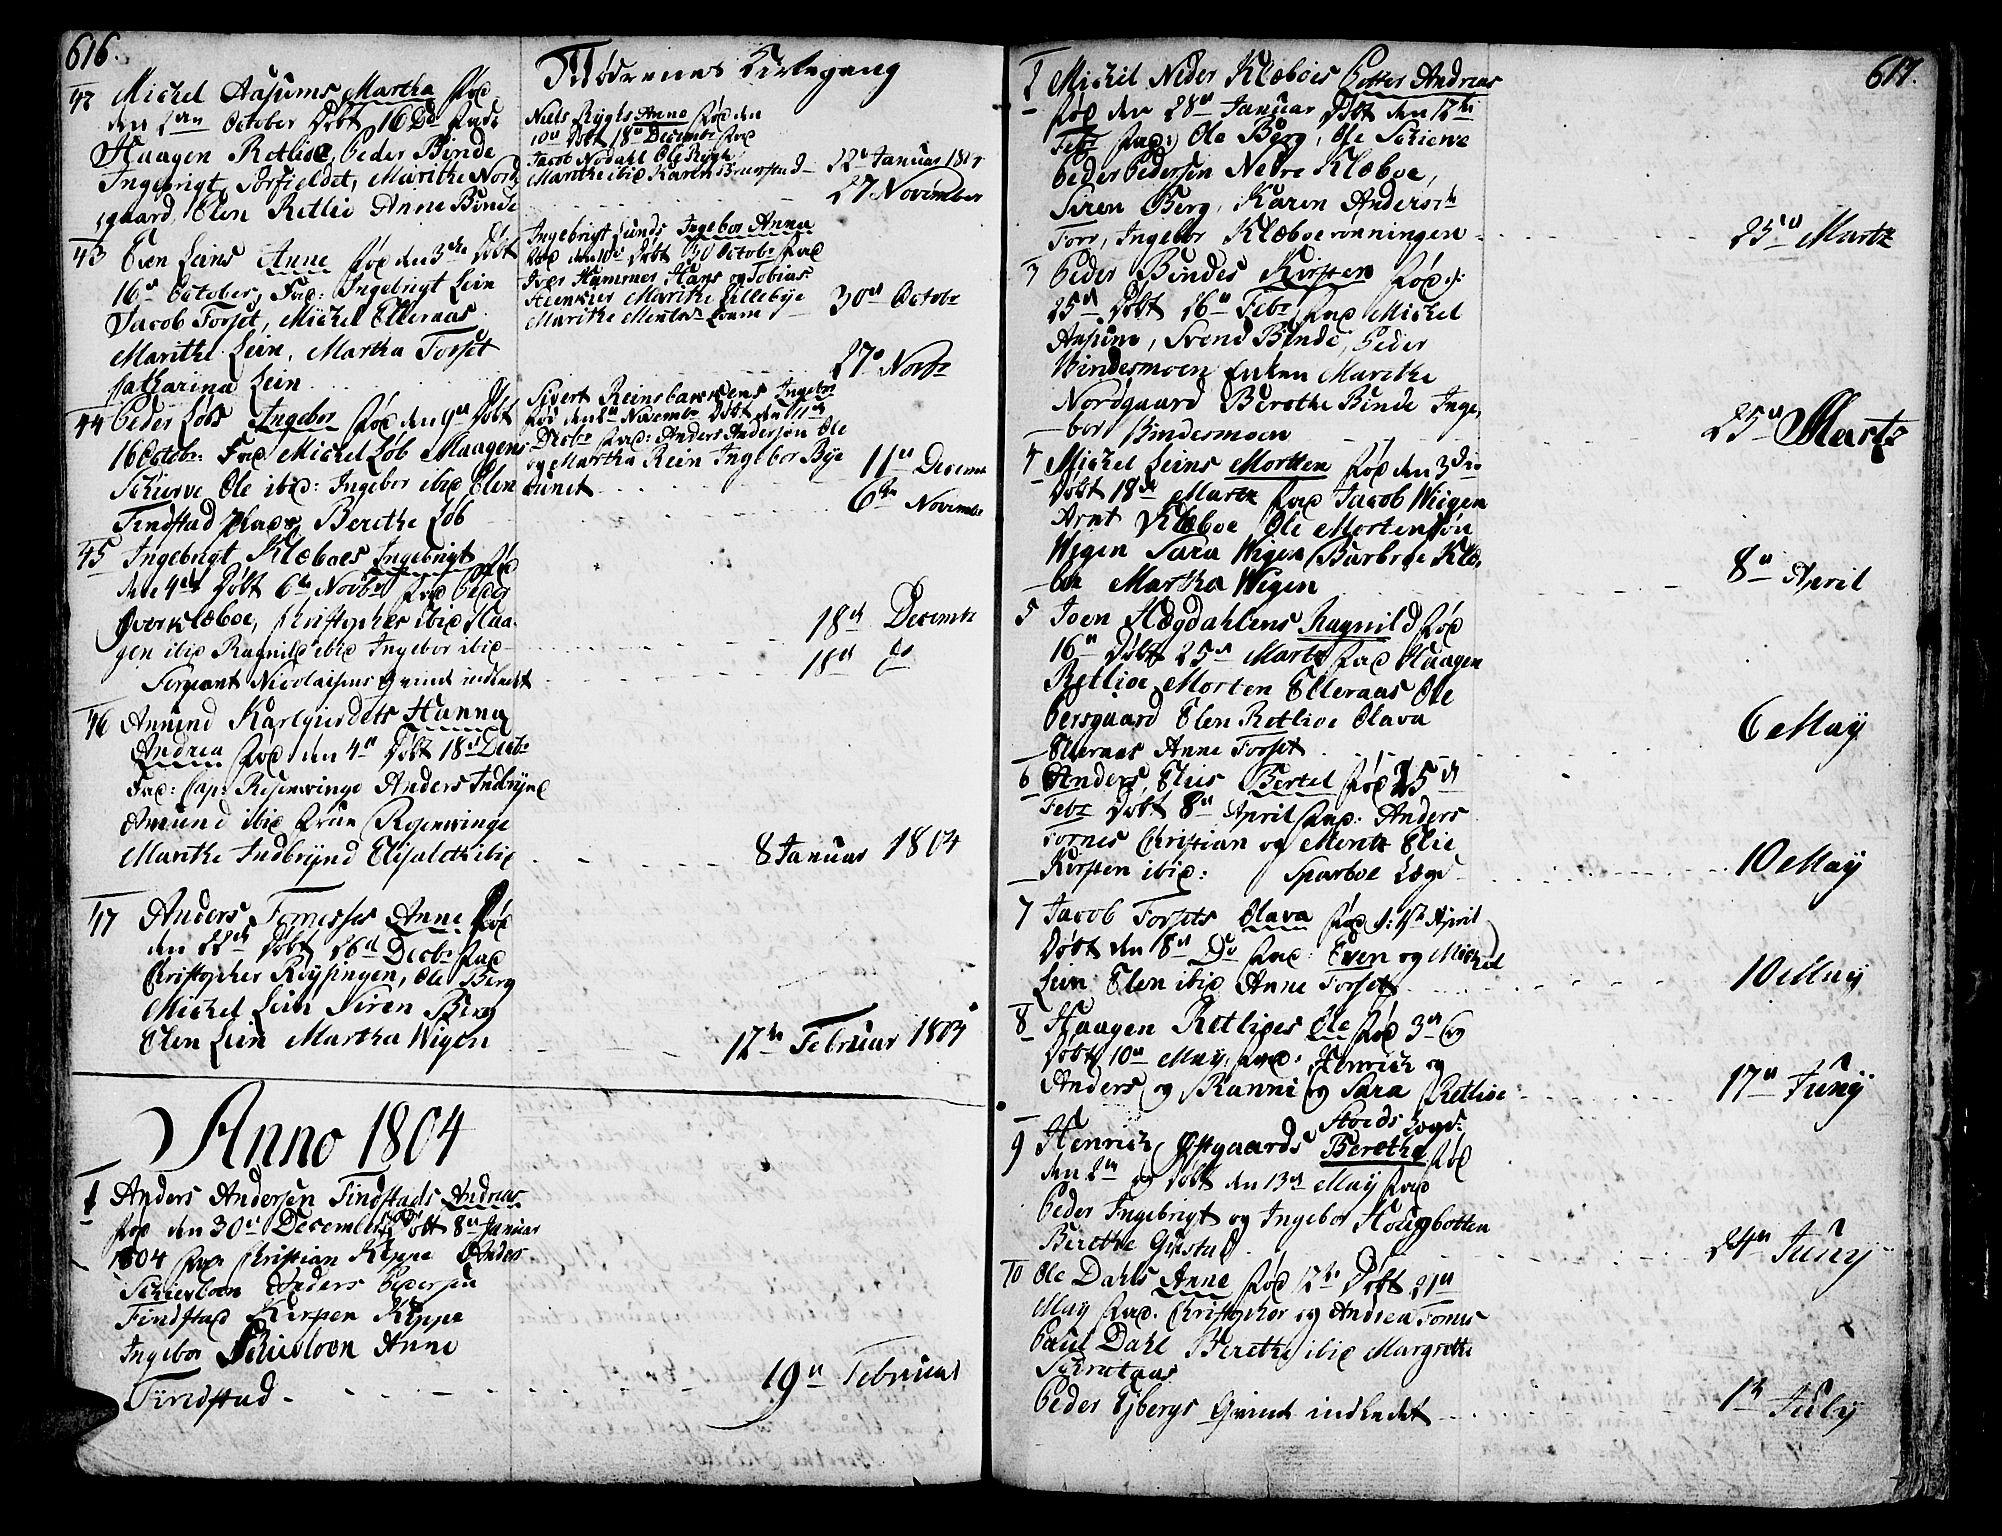 SAT, Ministerialprotokoller, klokkerbøker og fødselsregistre - Nord-Trøndelag, 746/L0440: Ministerialbok nr. 746A02, 1760-1815, s. 616-617